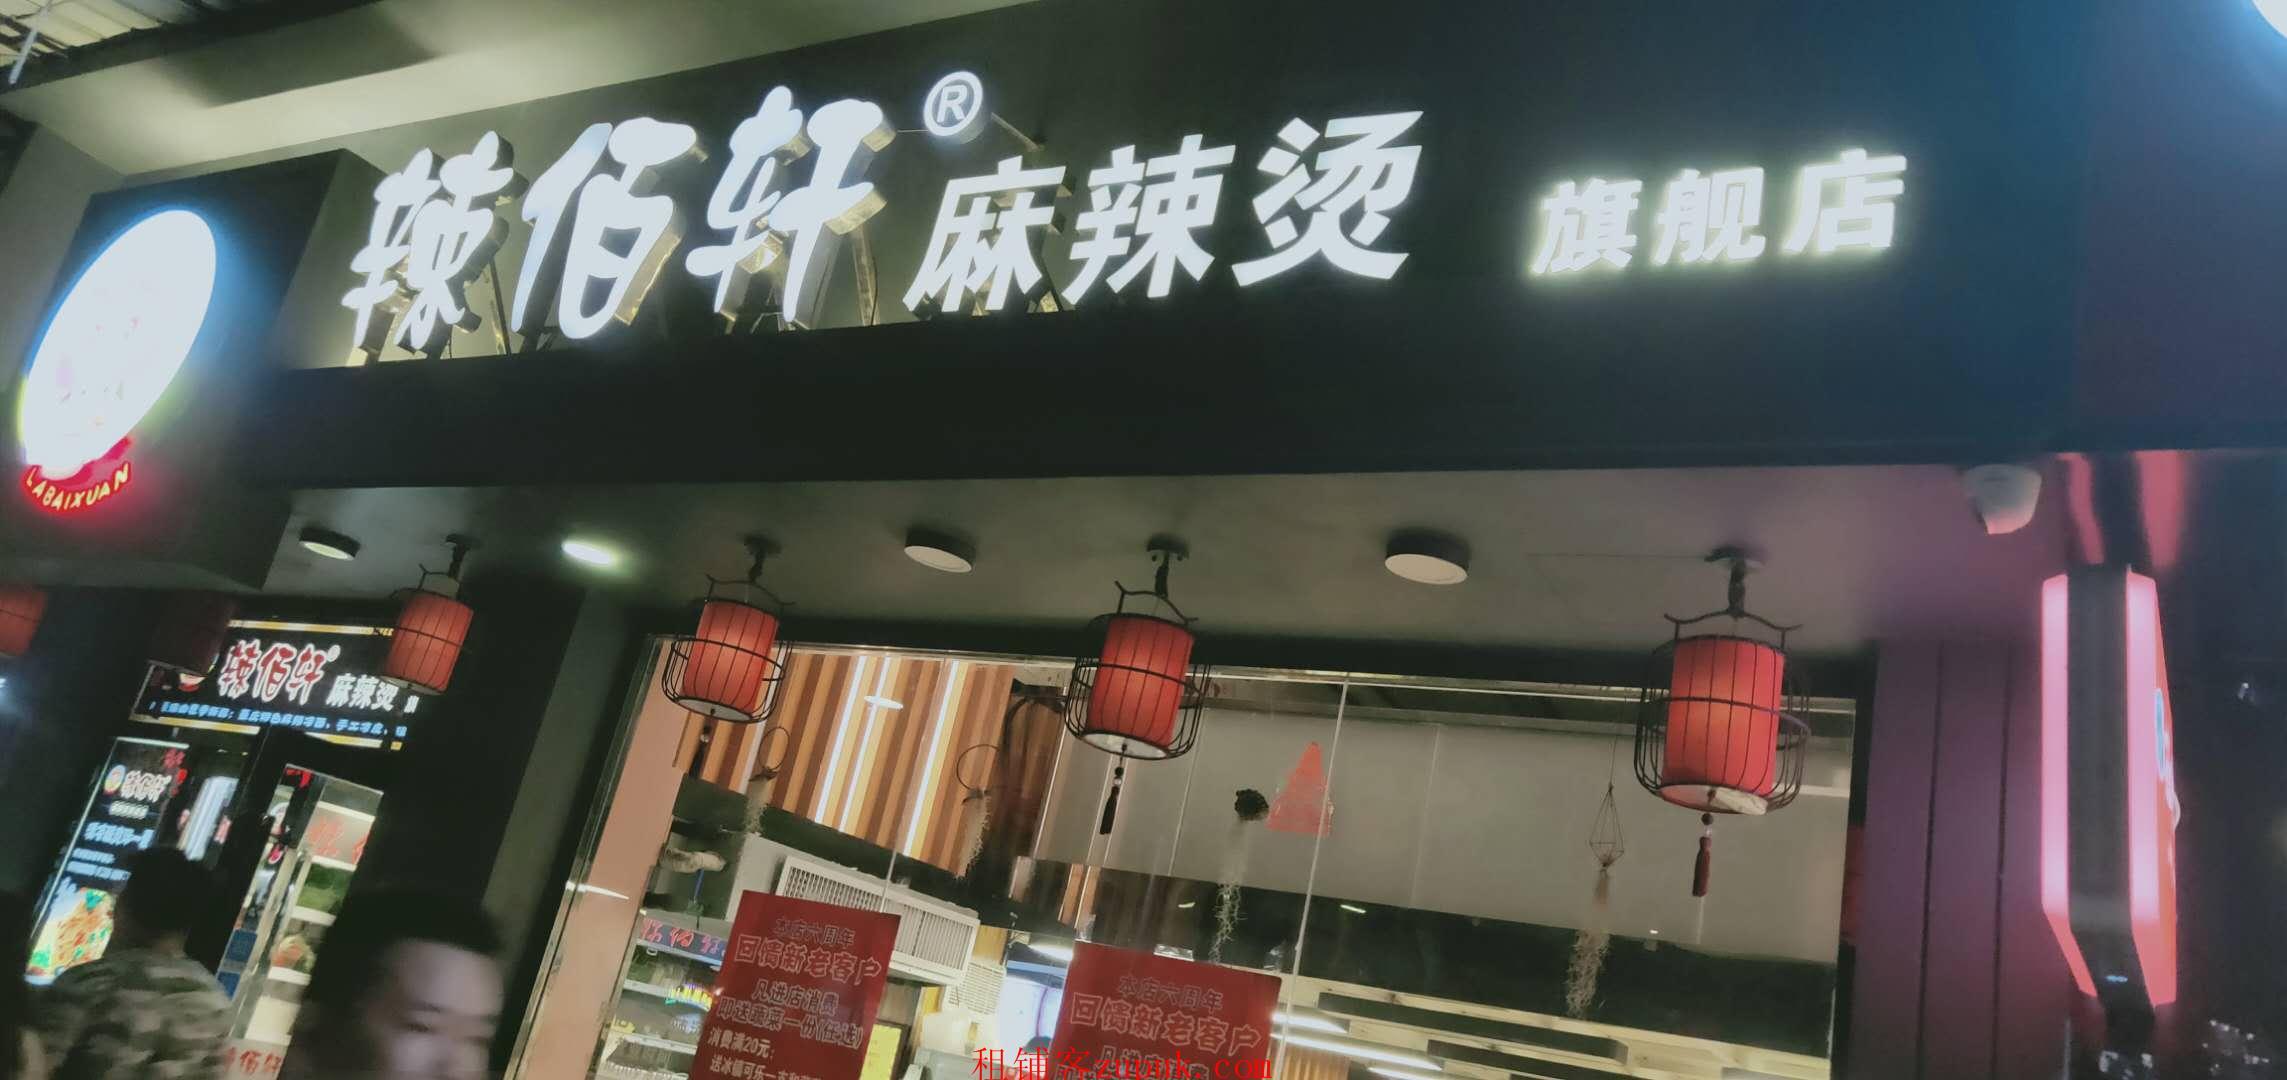 宝岗大道-地铁站,小吃,门口人超多,可各种餐饮生意好做